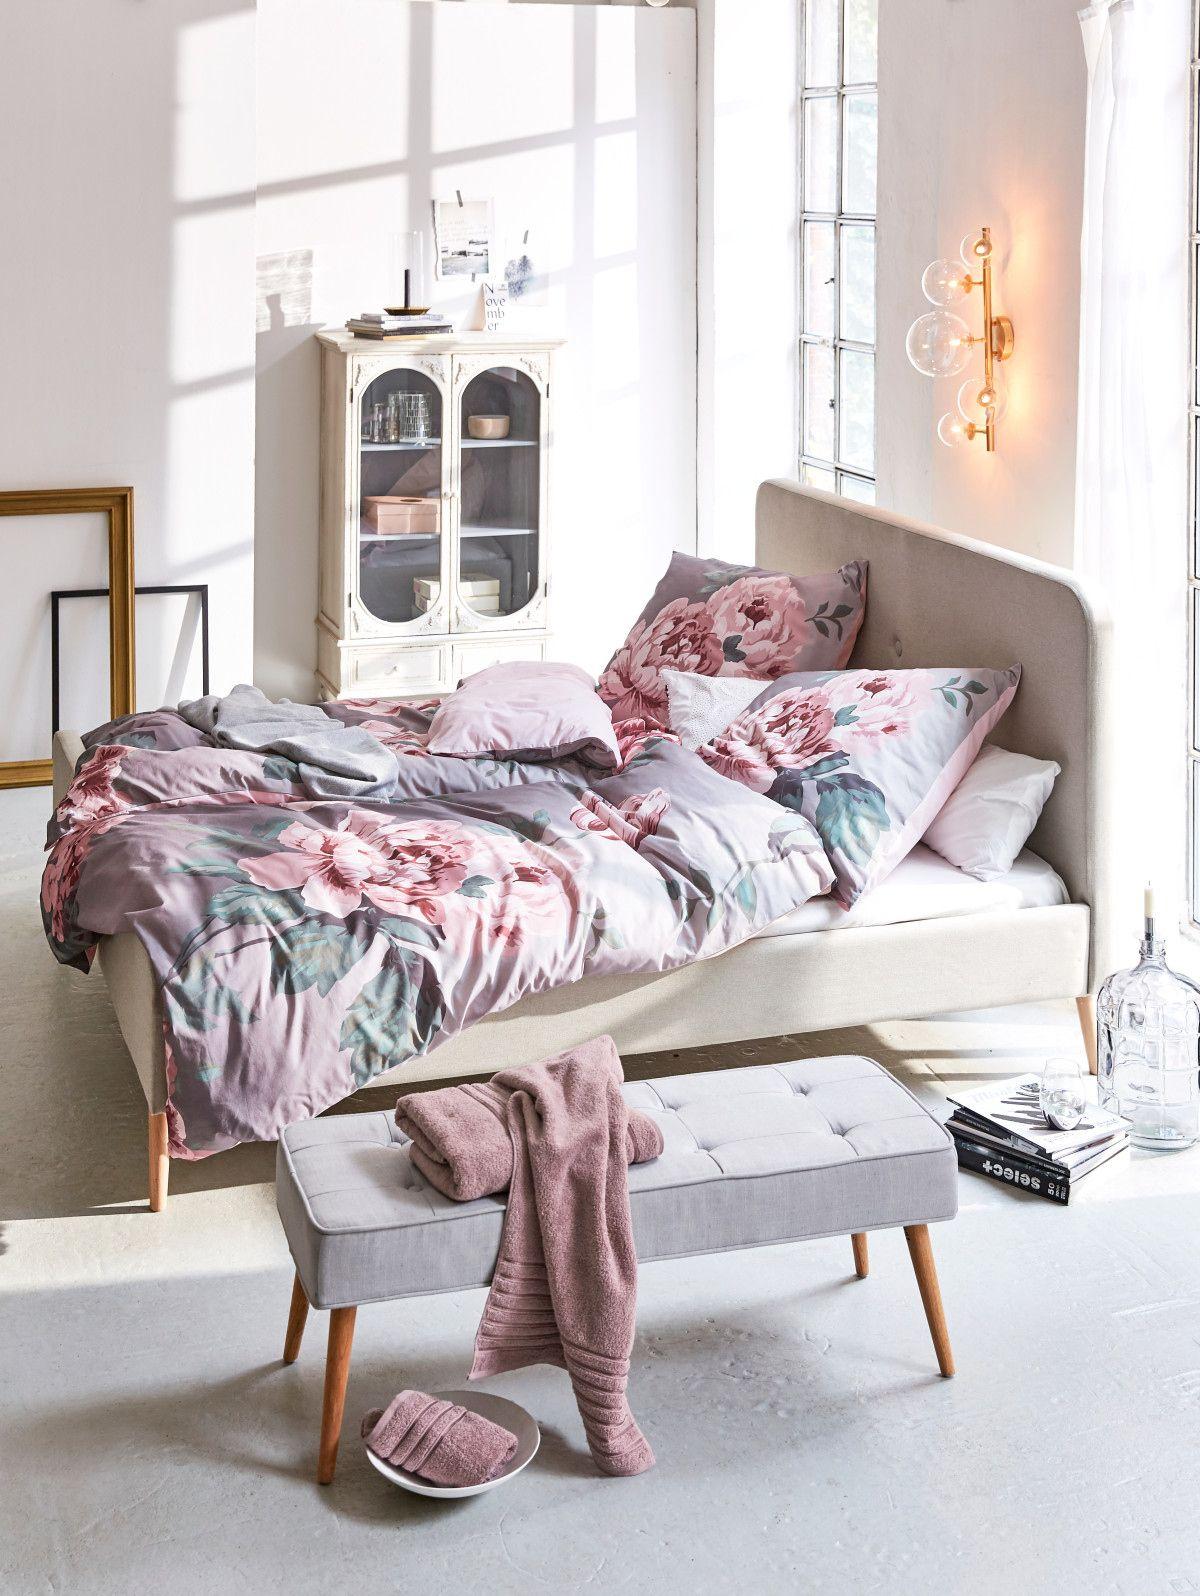 Bedroom Inspiration. rosa inspo impressionen bedroom